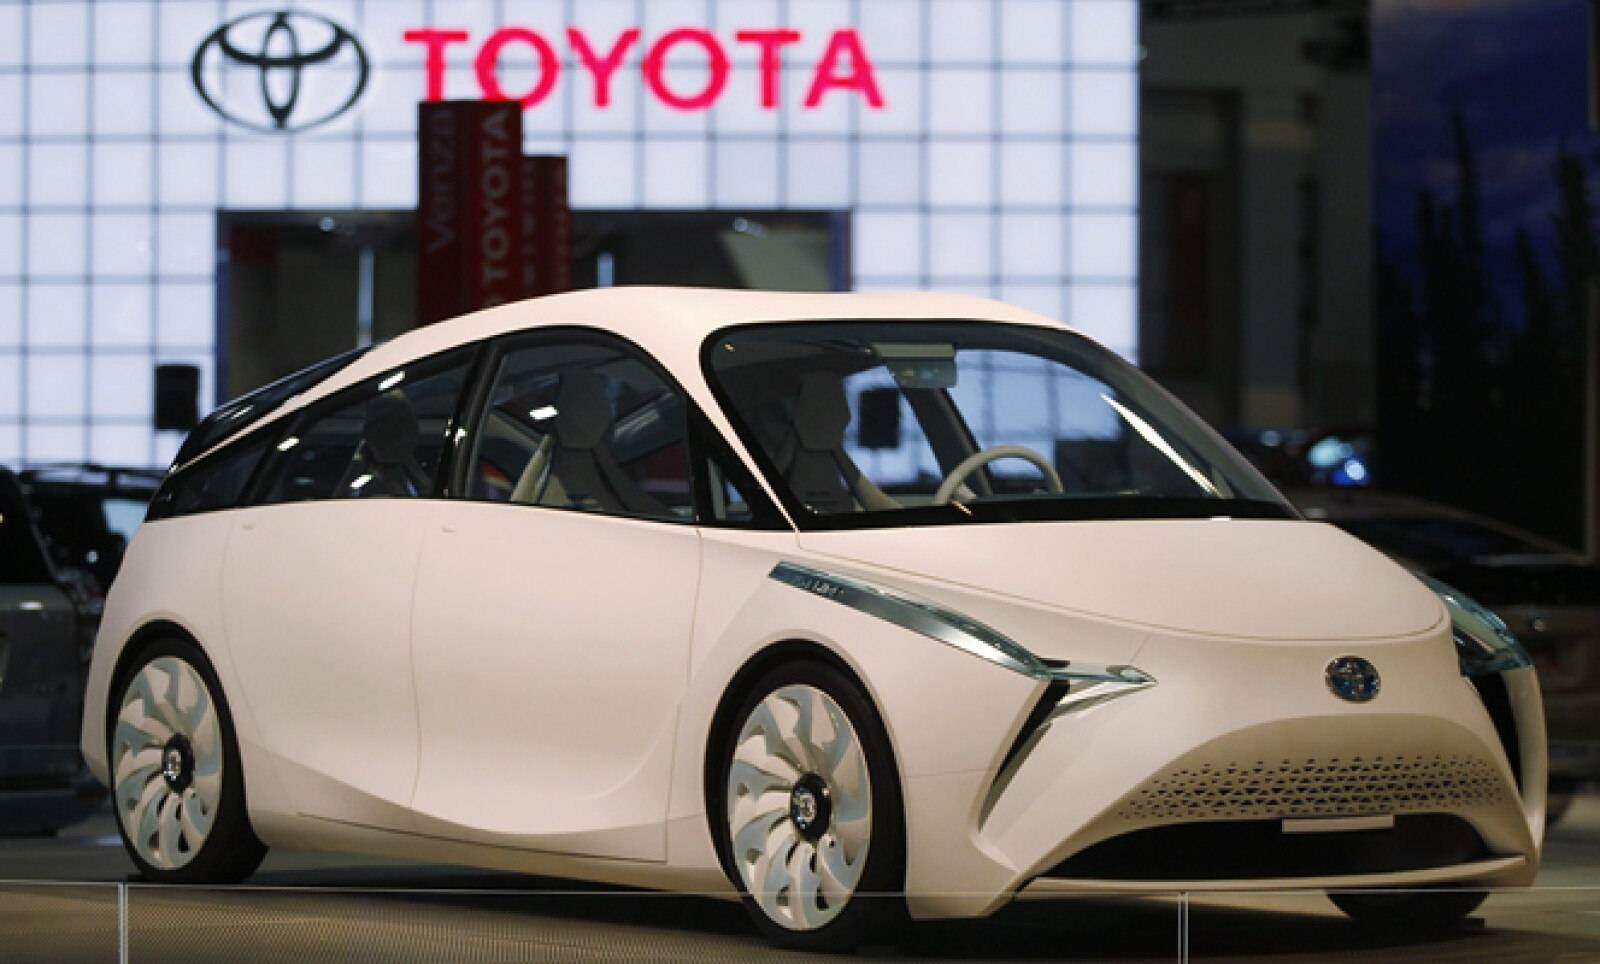 Se presentaron más de 700 modelos y diseños de autos en el Auto Show de Washington DC. Este diseño corresponde al Toyota FT-BH.